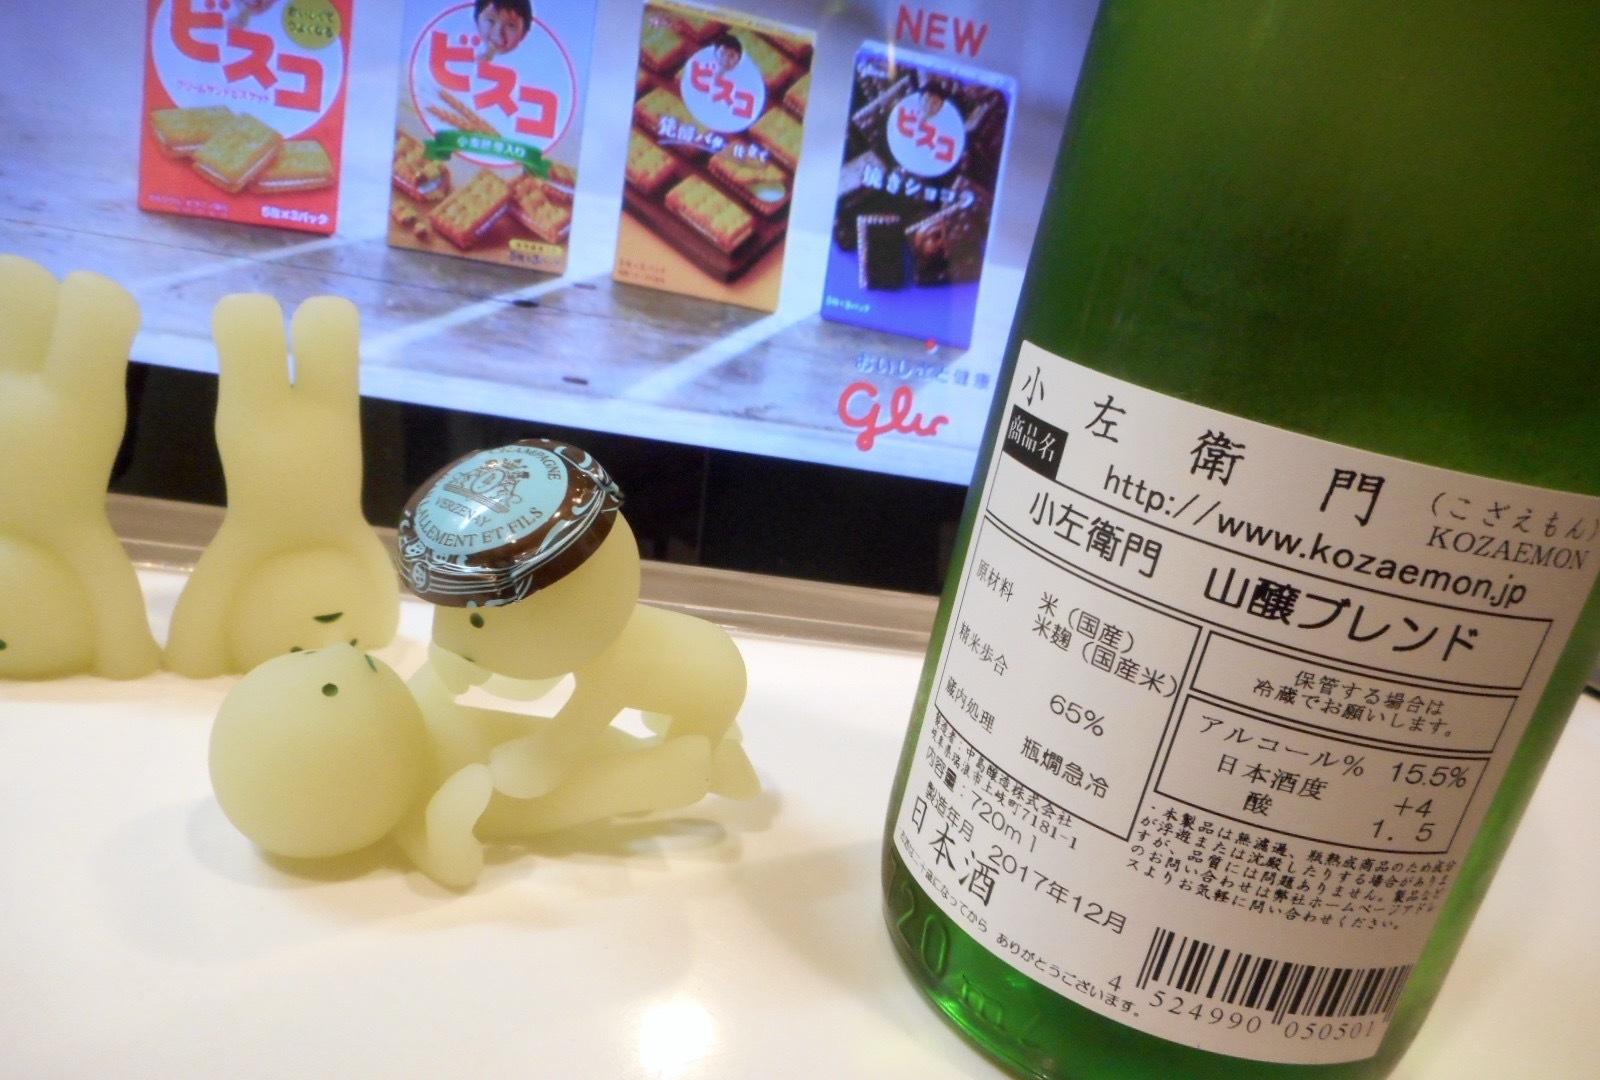 kozaemon_yamajou28by3.jpg